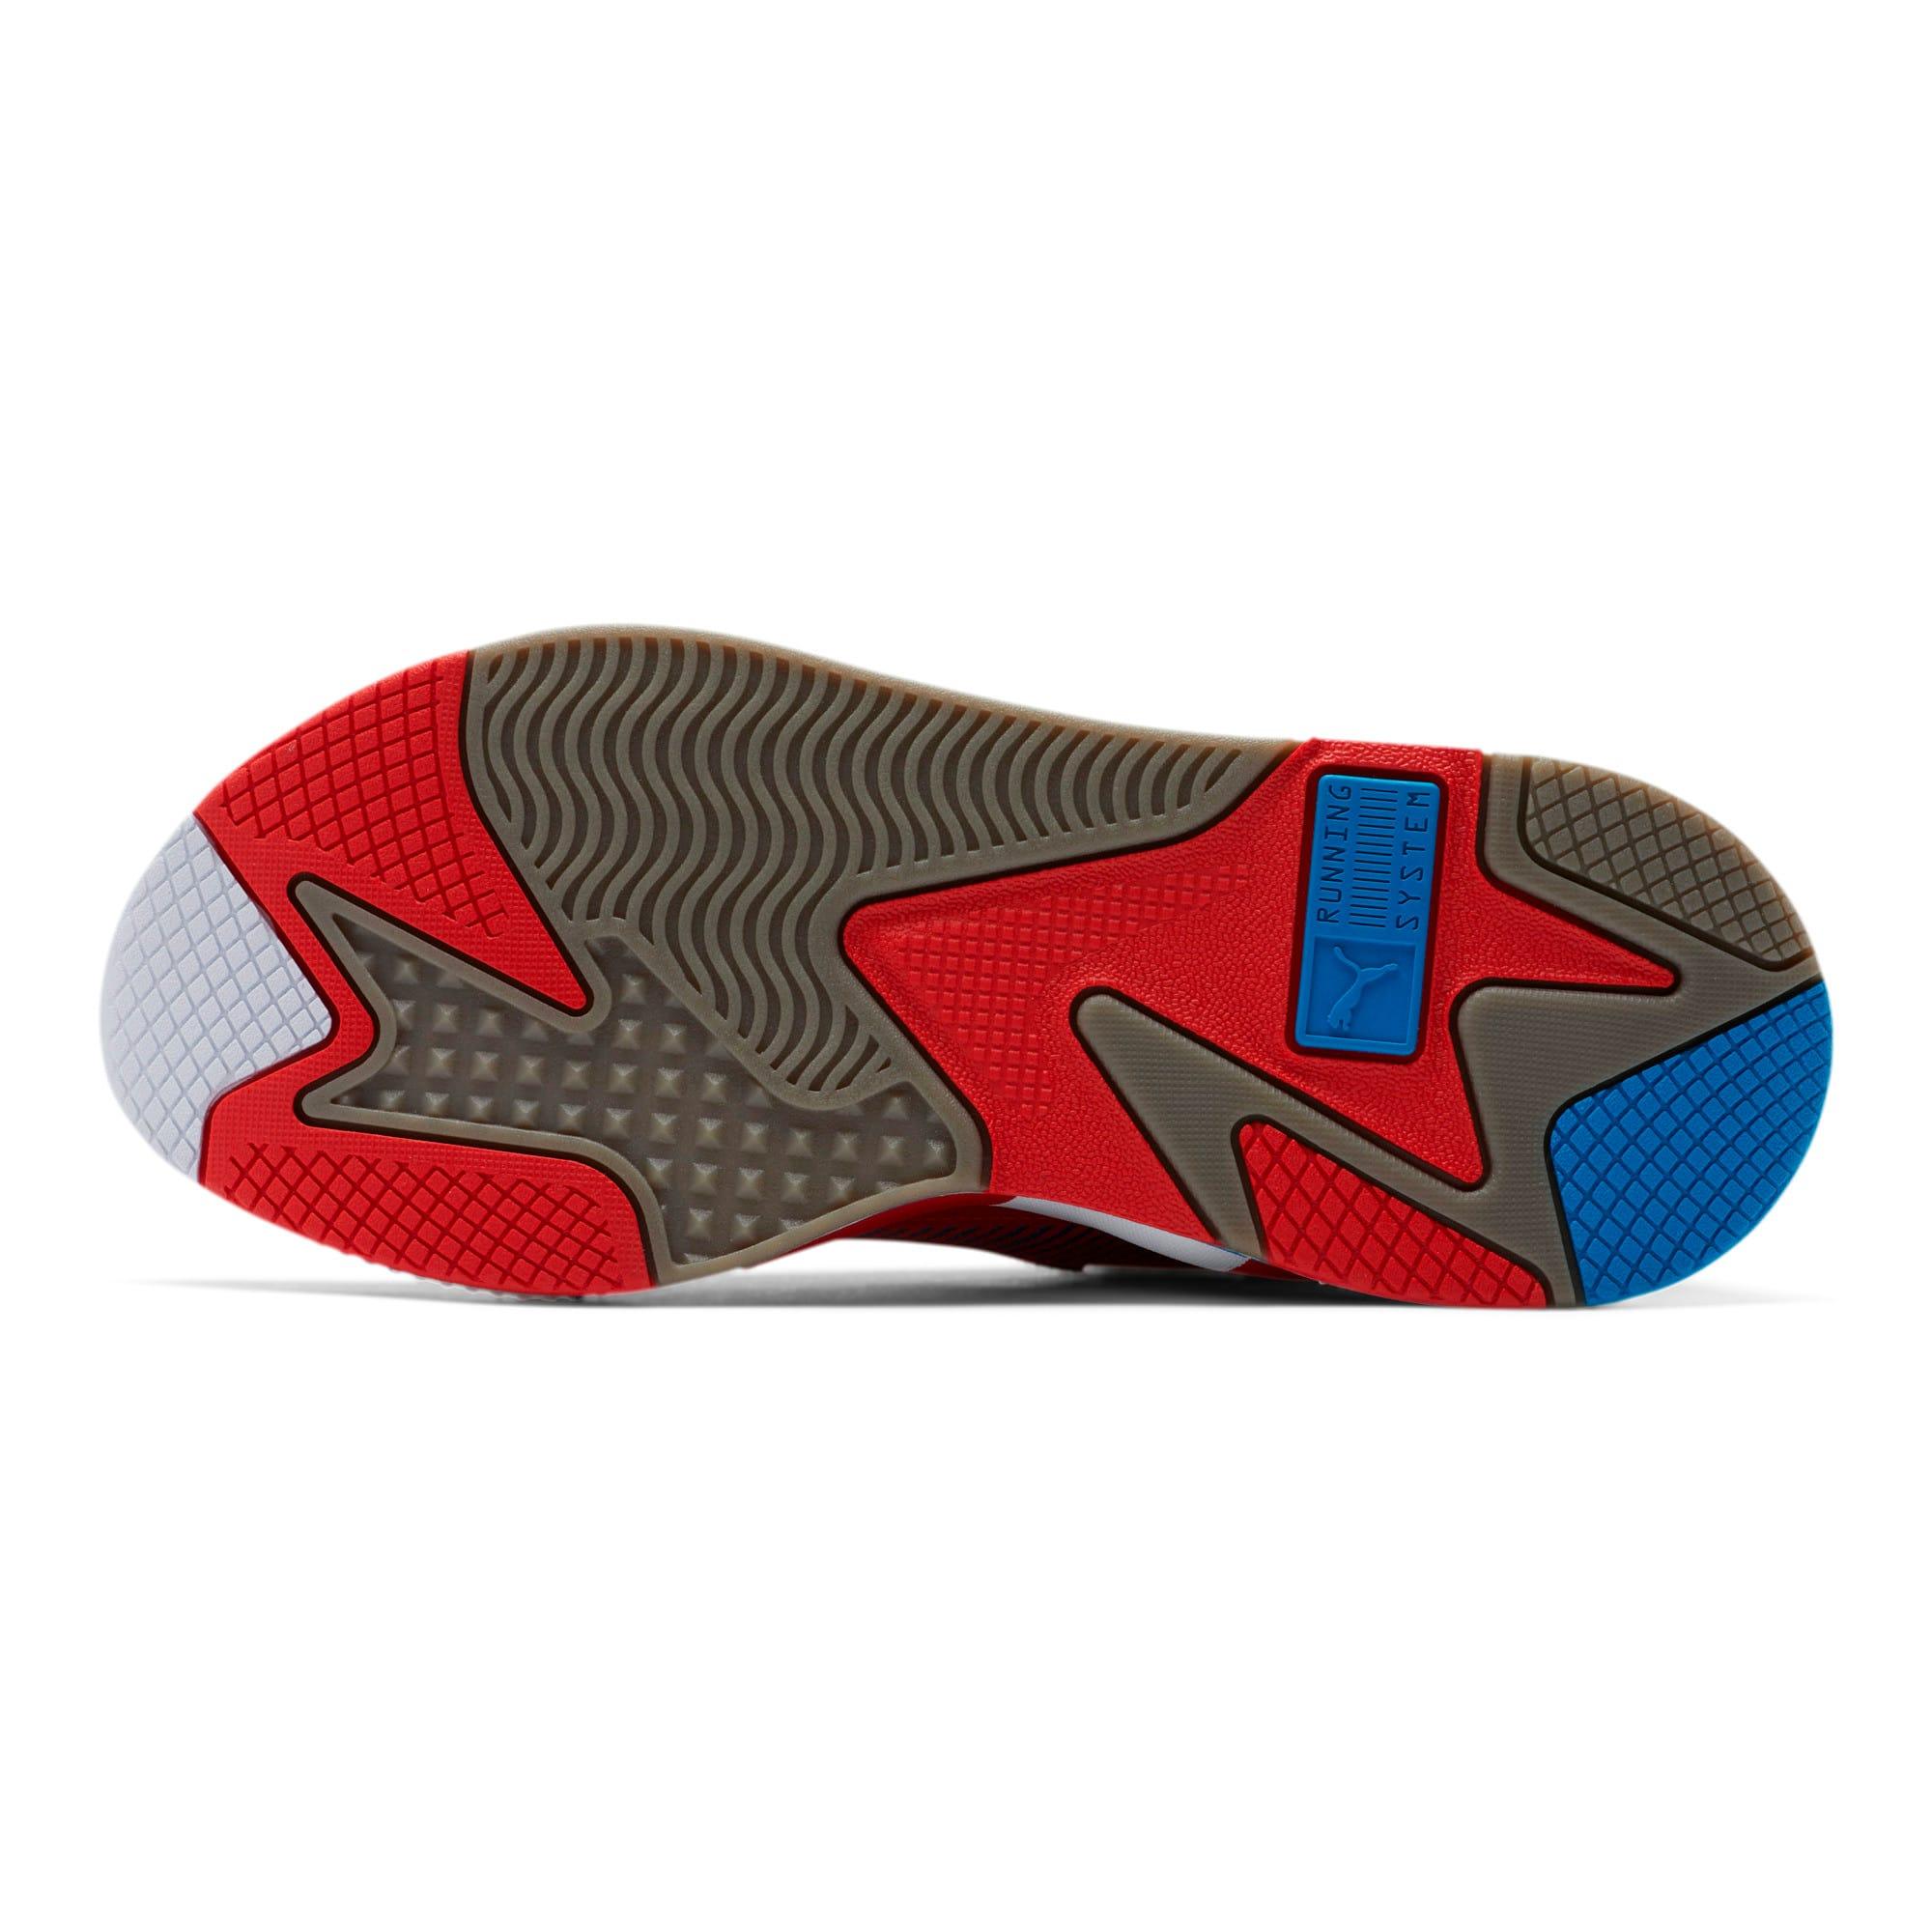 Miniatura 4 de Zapatos deportivos RS-X Retro, Red-Steel Gray-Indigo, mediano